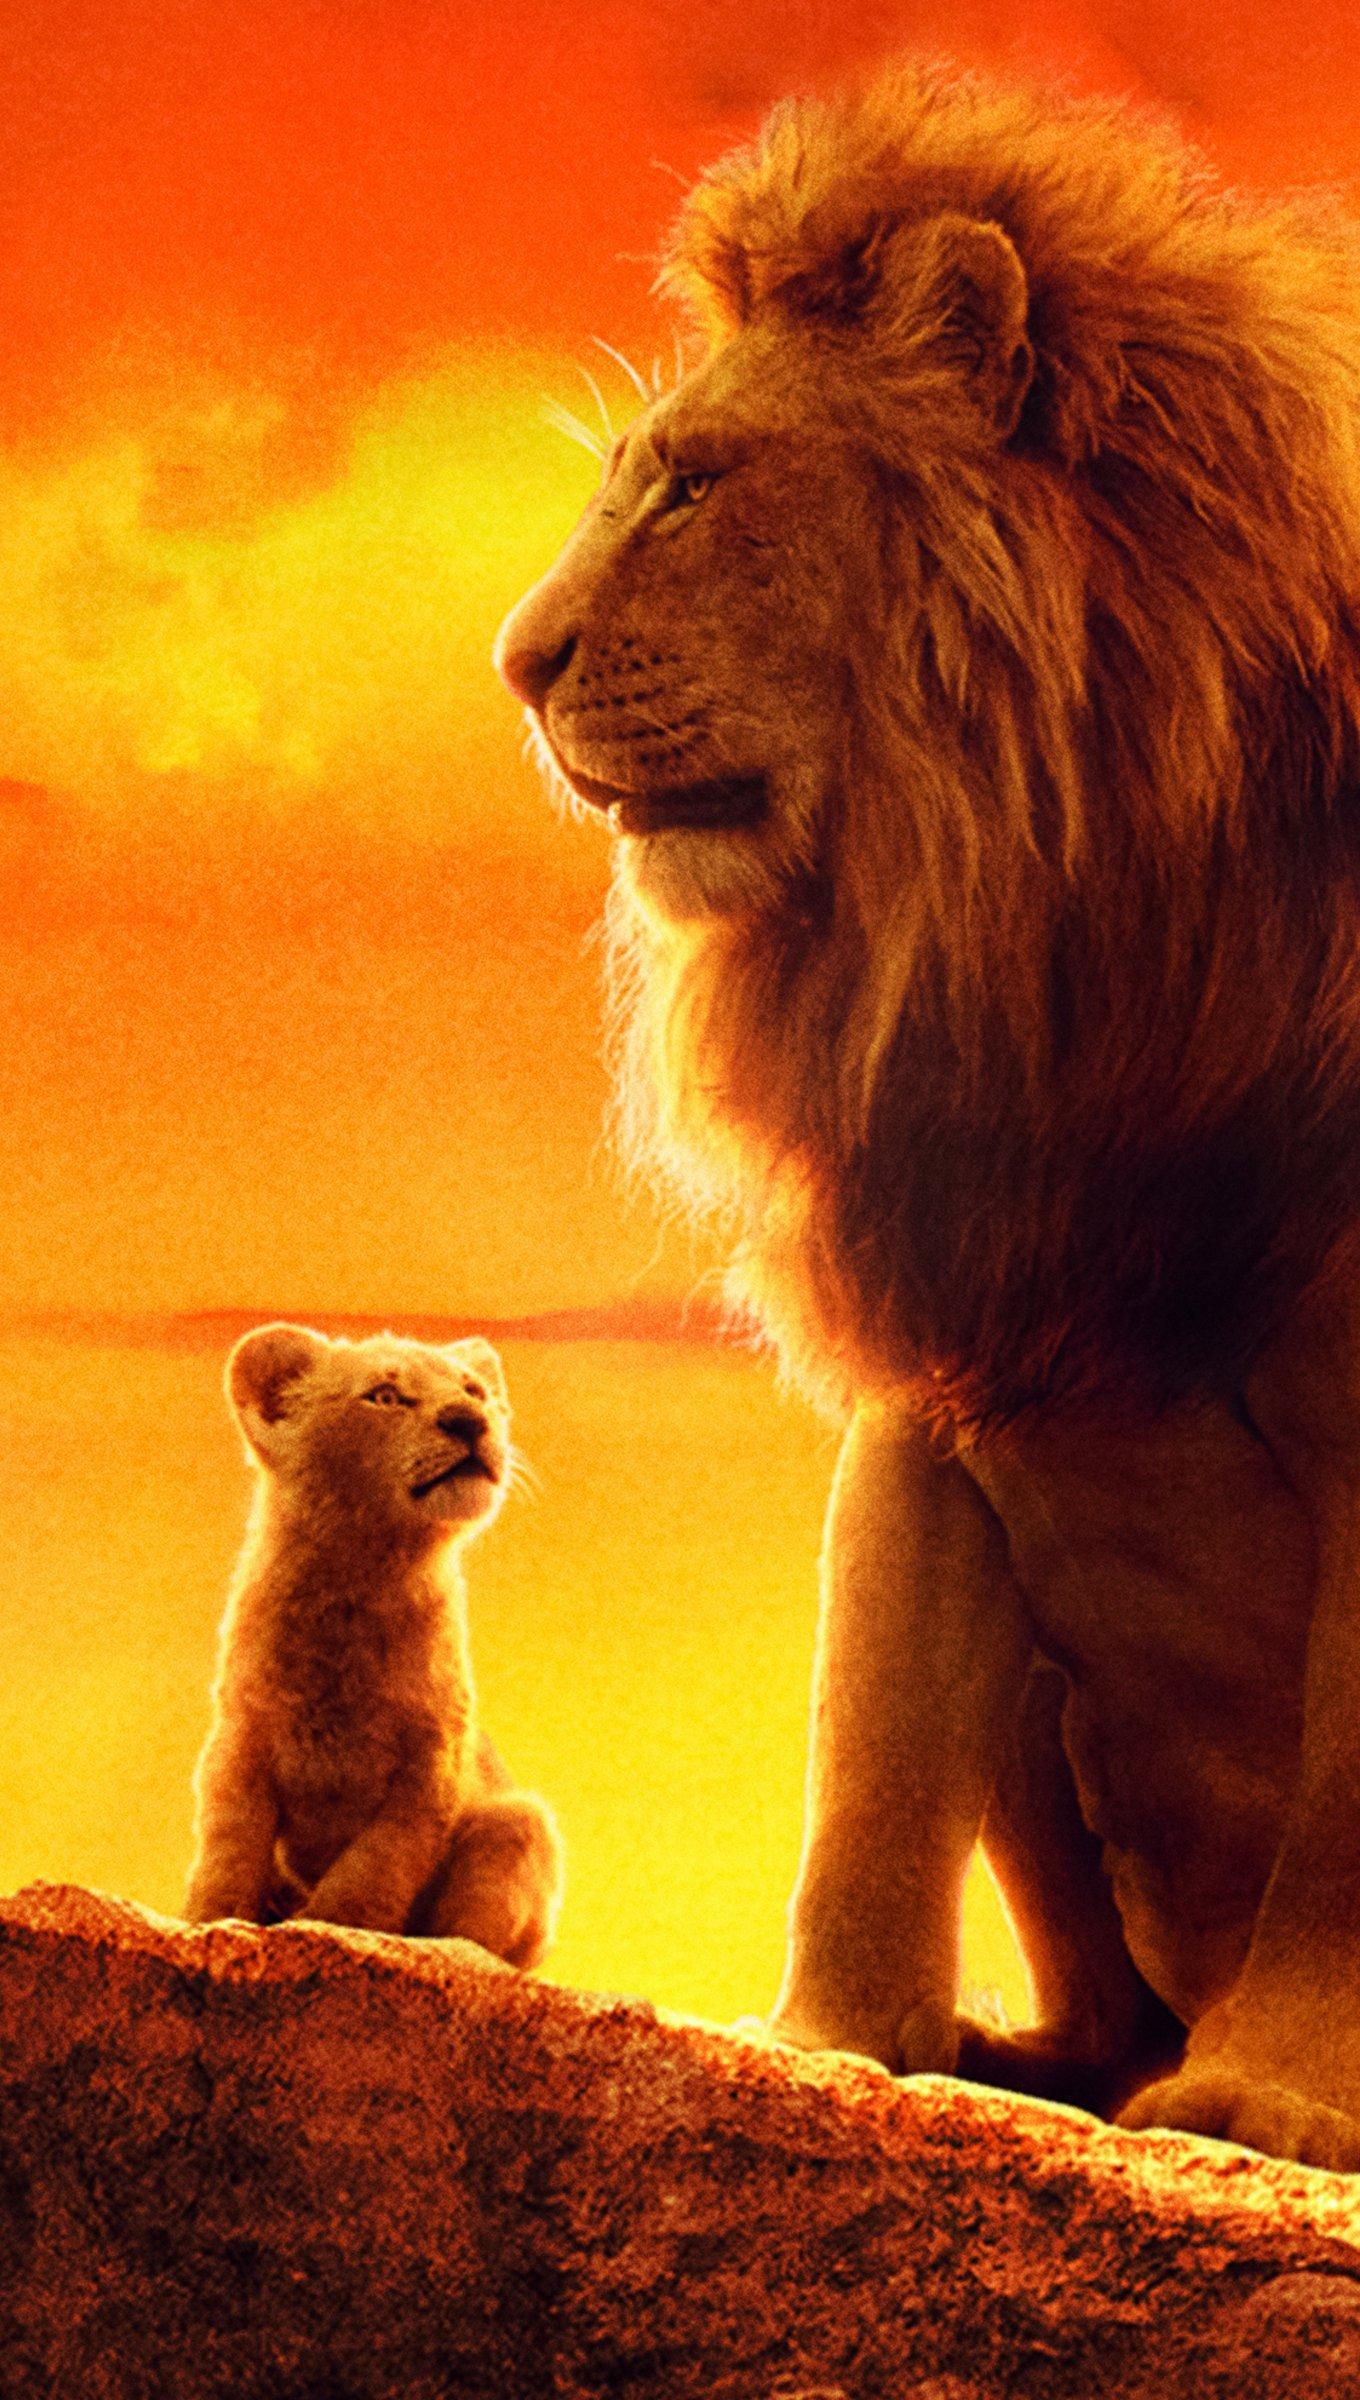 Fondos de pantalla El rey leon Vertical